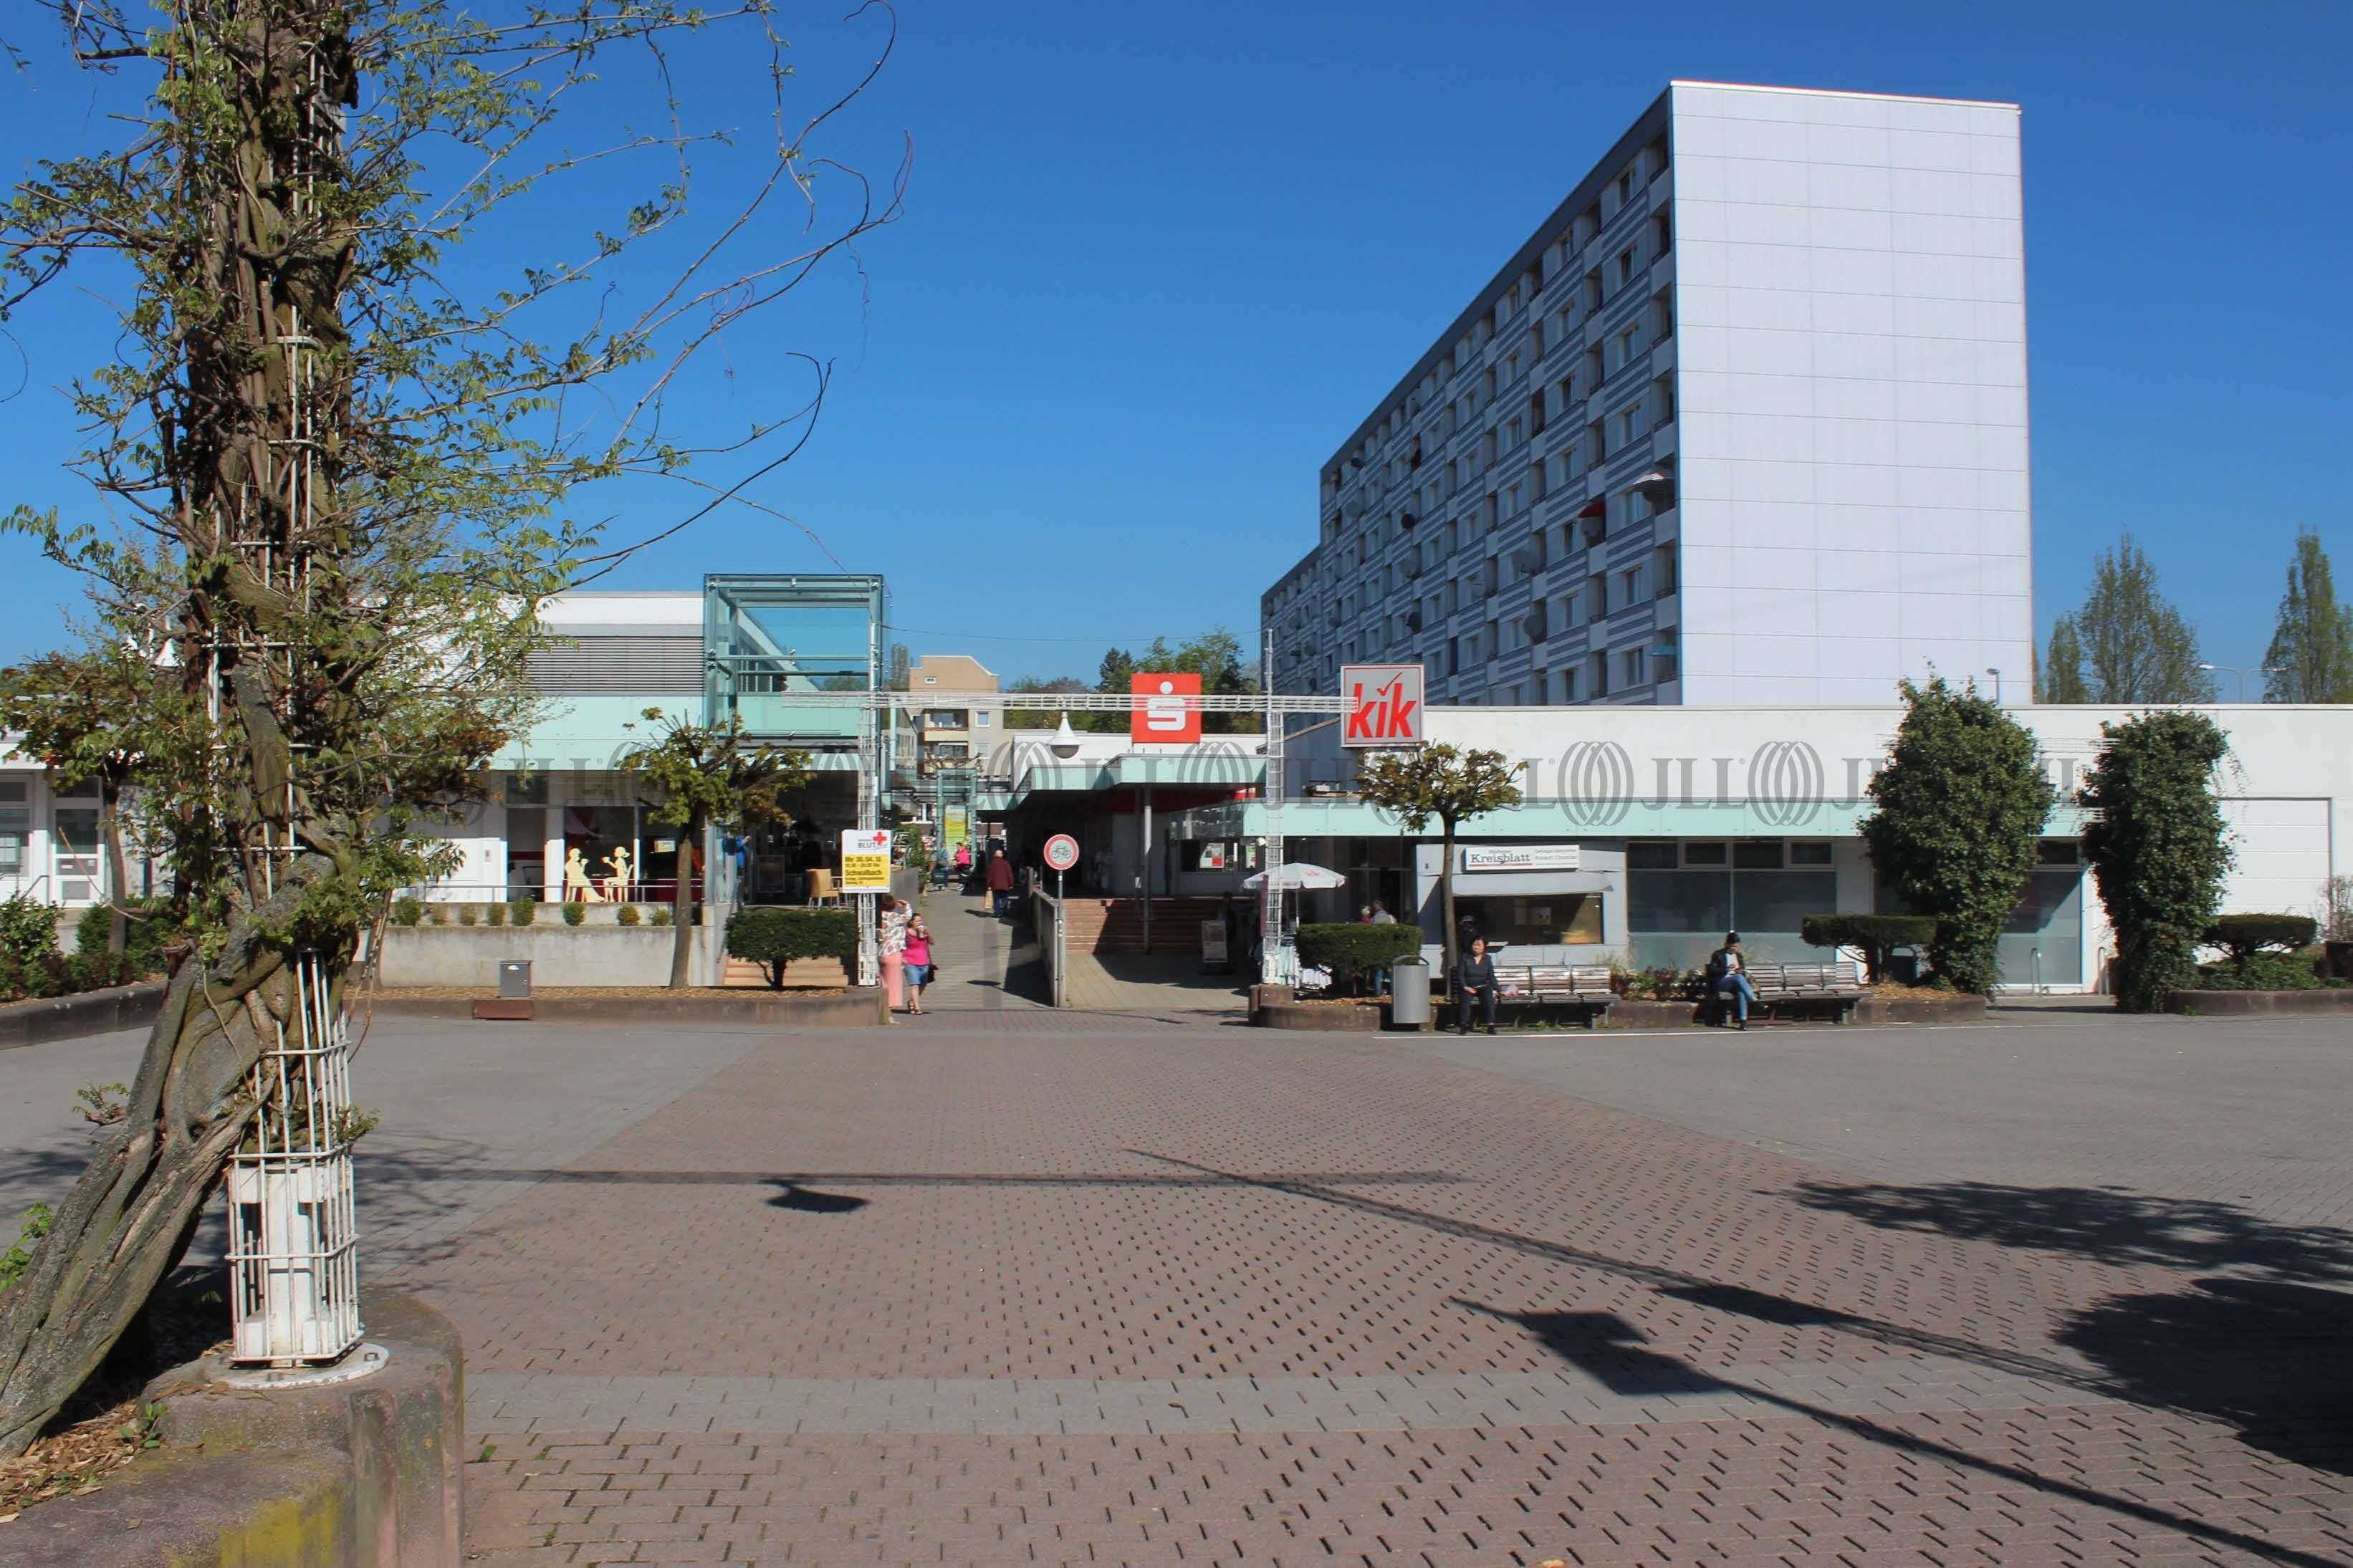 Ladenflächen Schwalbach am taunus, 65824 - Ladenfläche - Schwalbach am Taunus, Zentrum - E0792 - 9586107